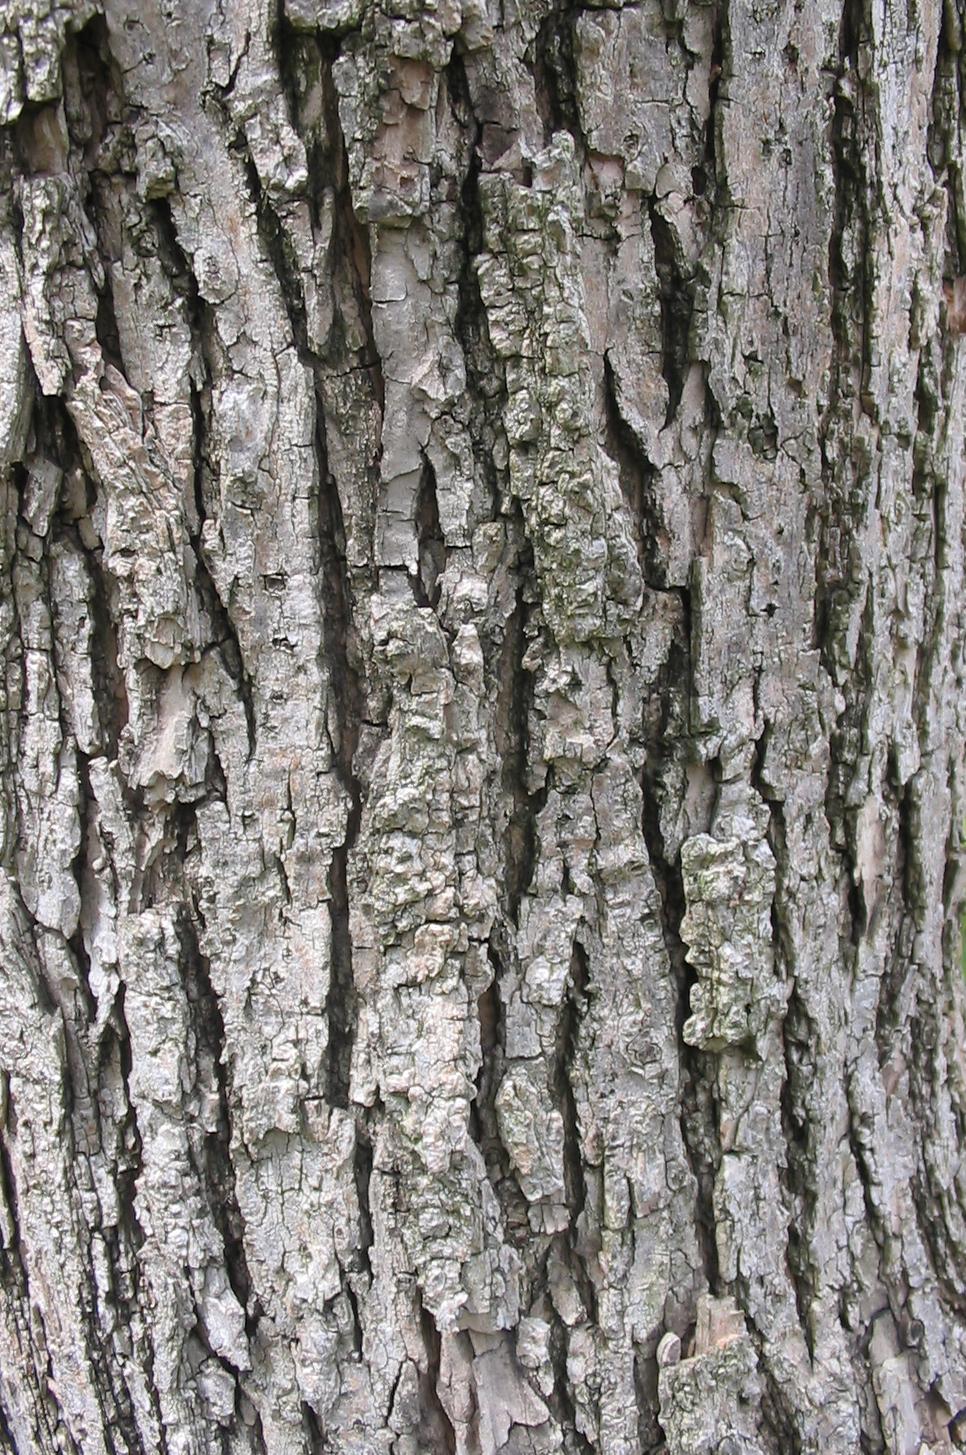 File:Catalpa speciosa textura del tronco.jpg - Wikimedia ...